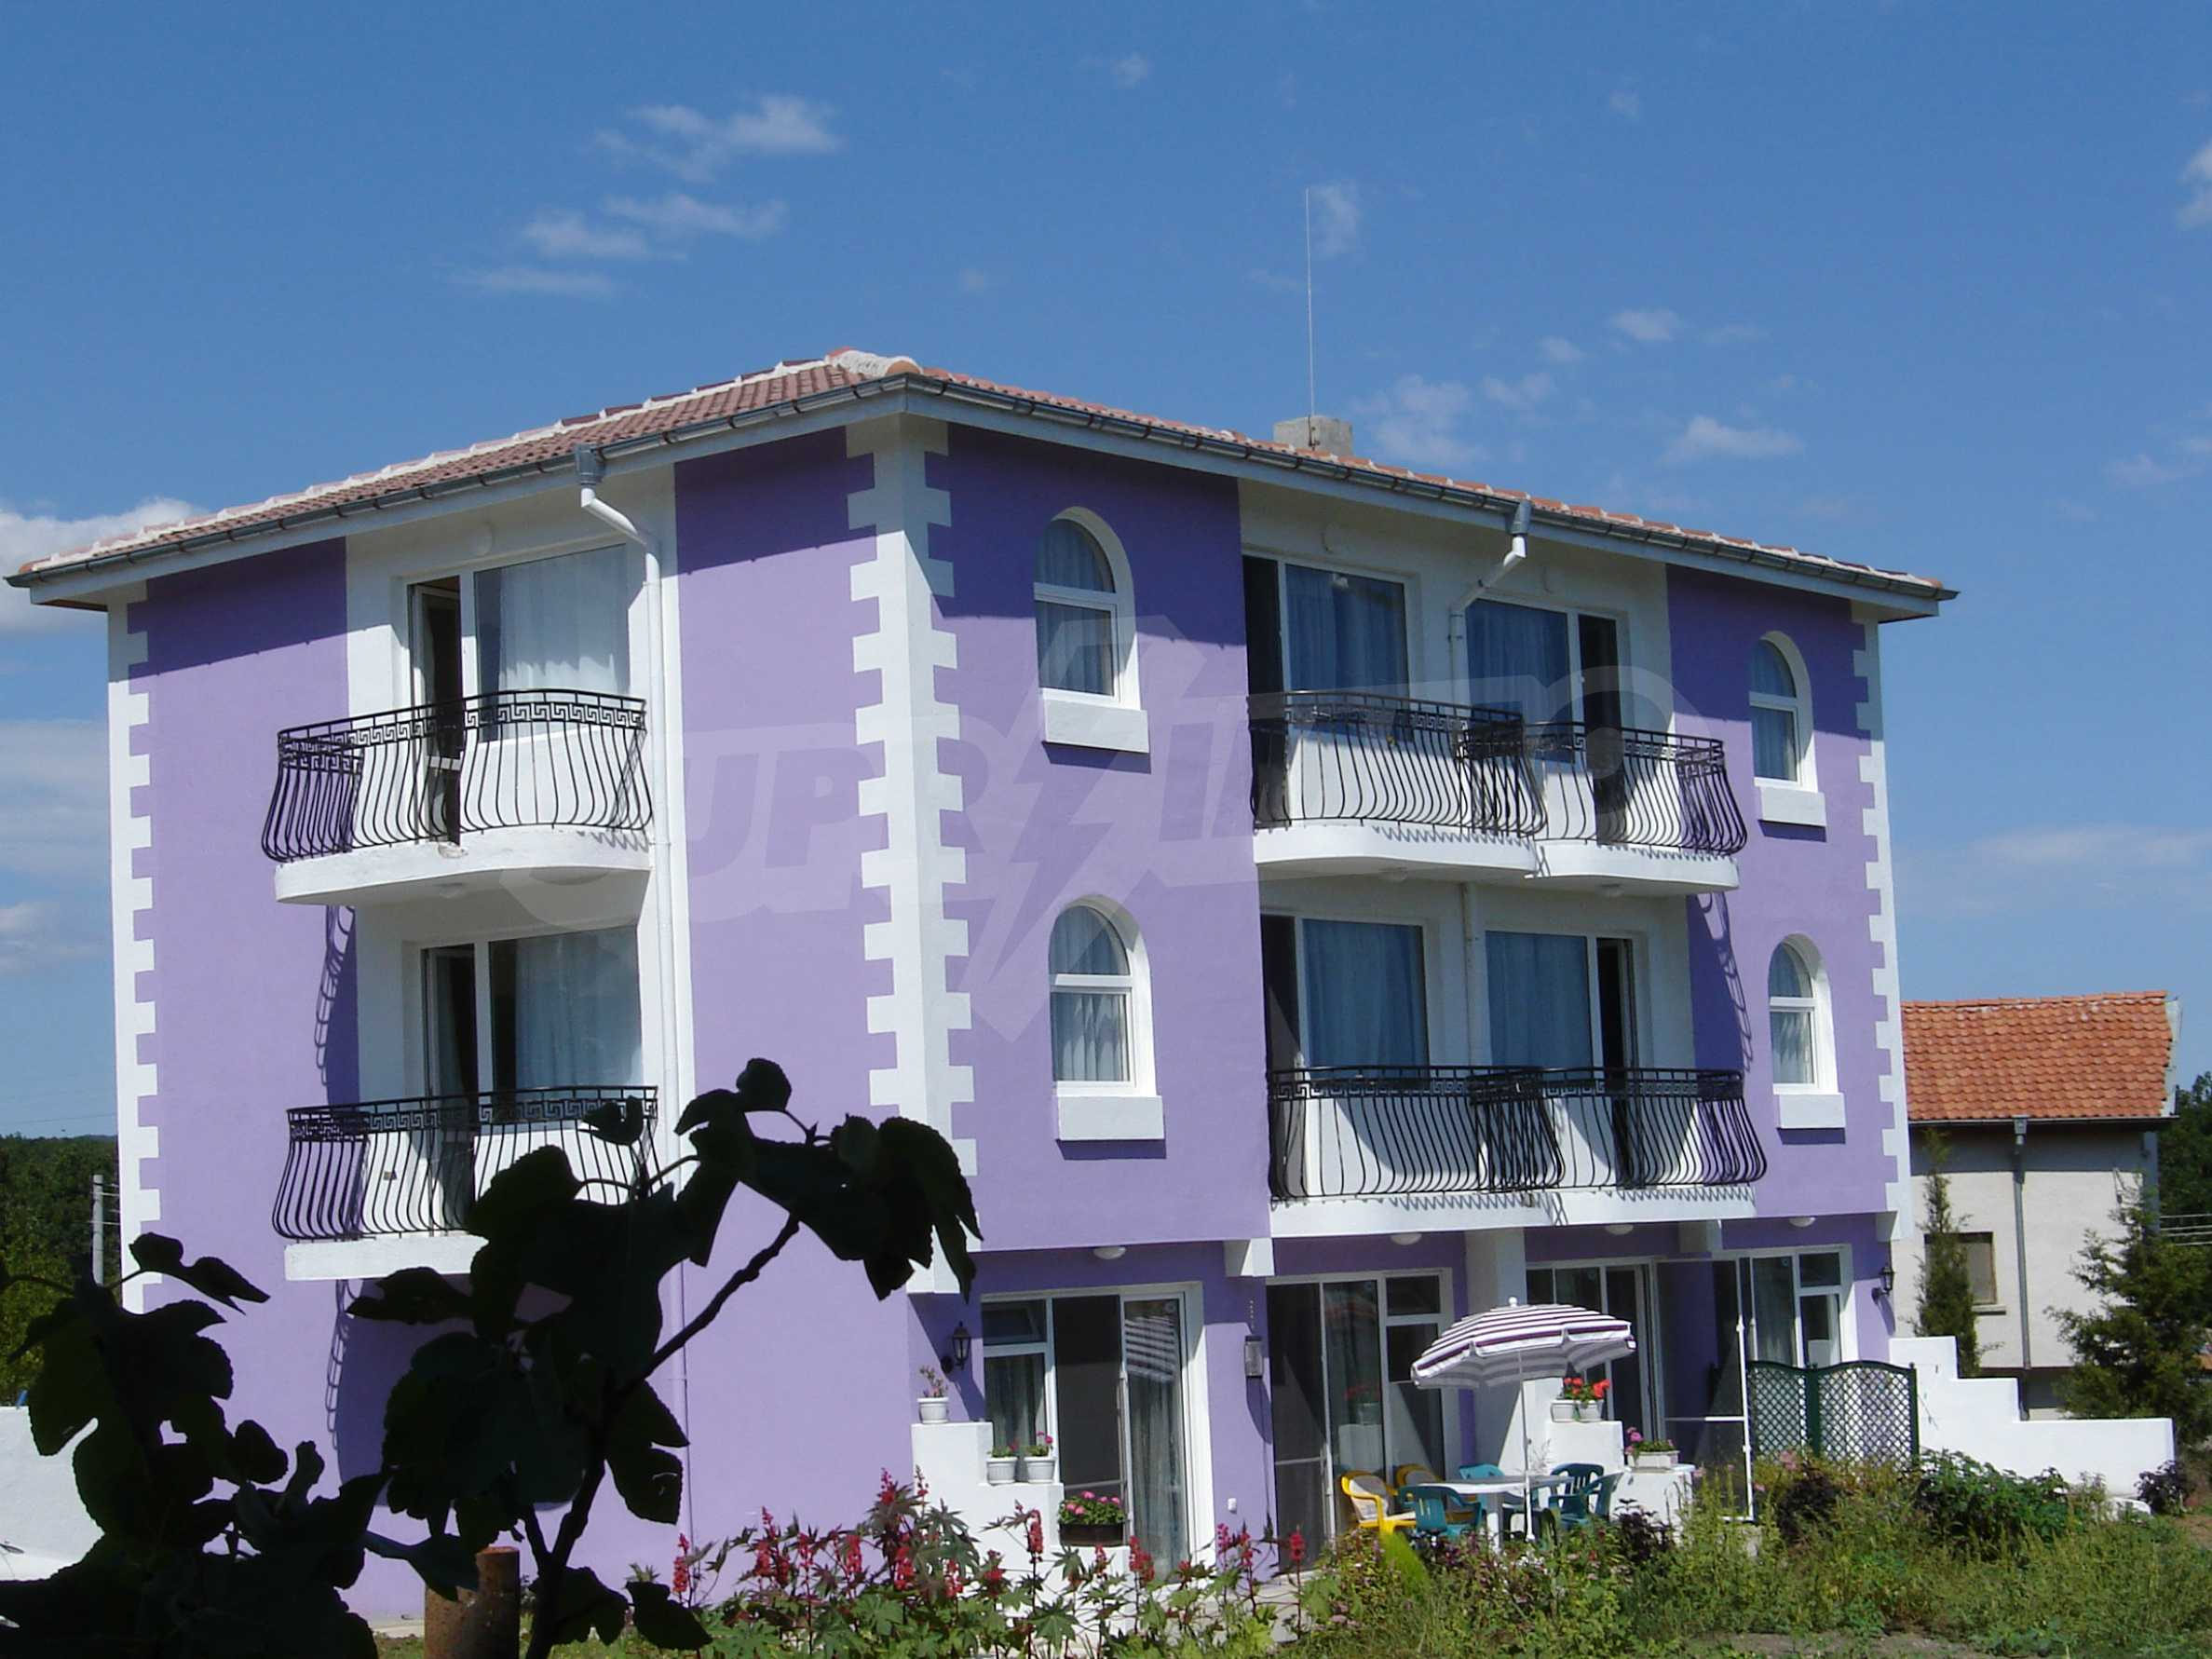 House of family hotel type for sale in Primorsko